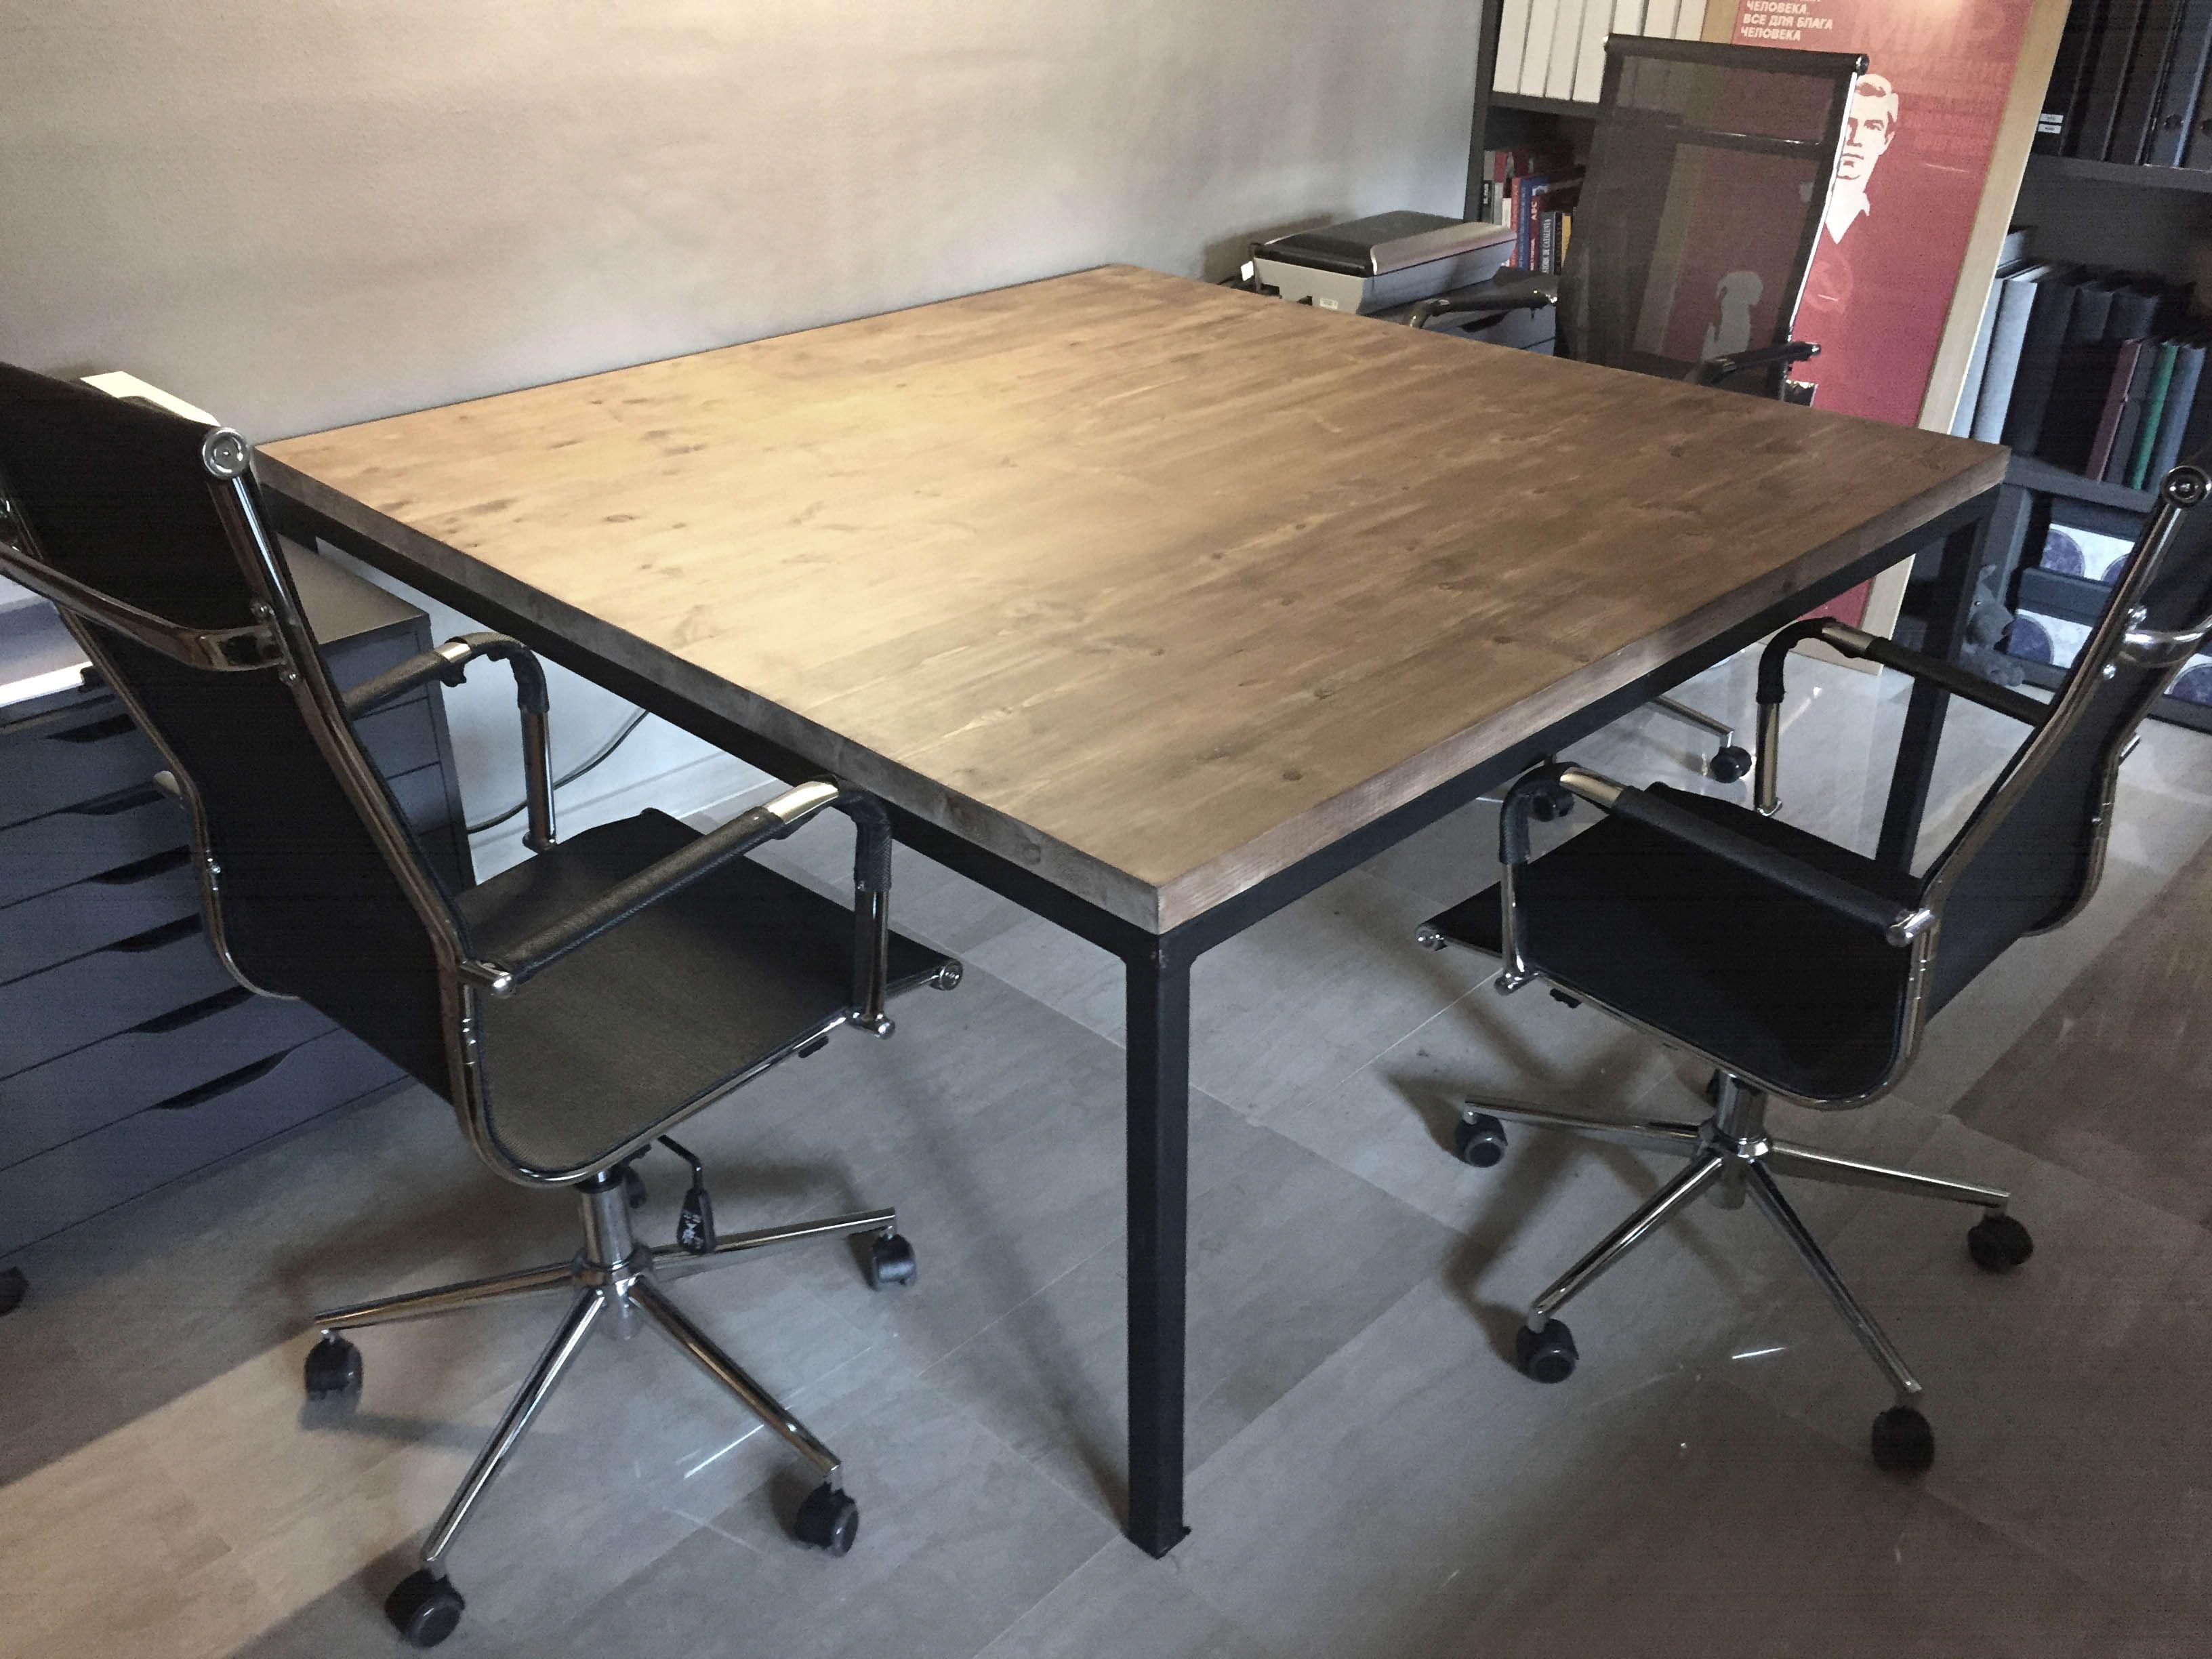 Muebles fabricados a mano con maderas la contra pino de flandes reciclada joven reciclada - La contra muebles ...